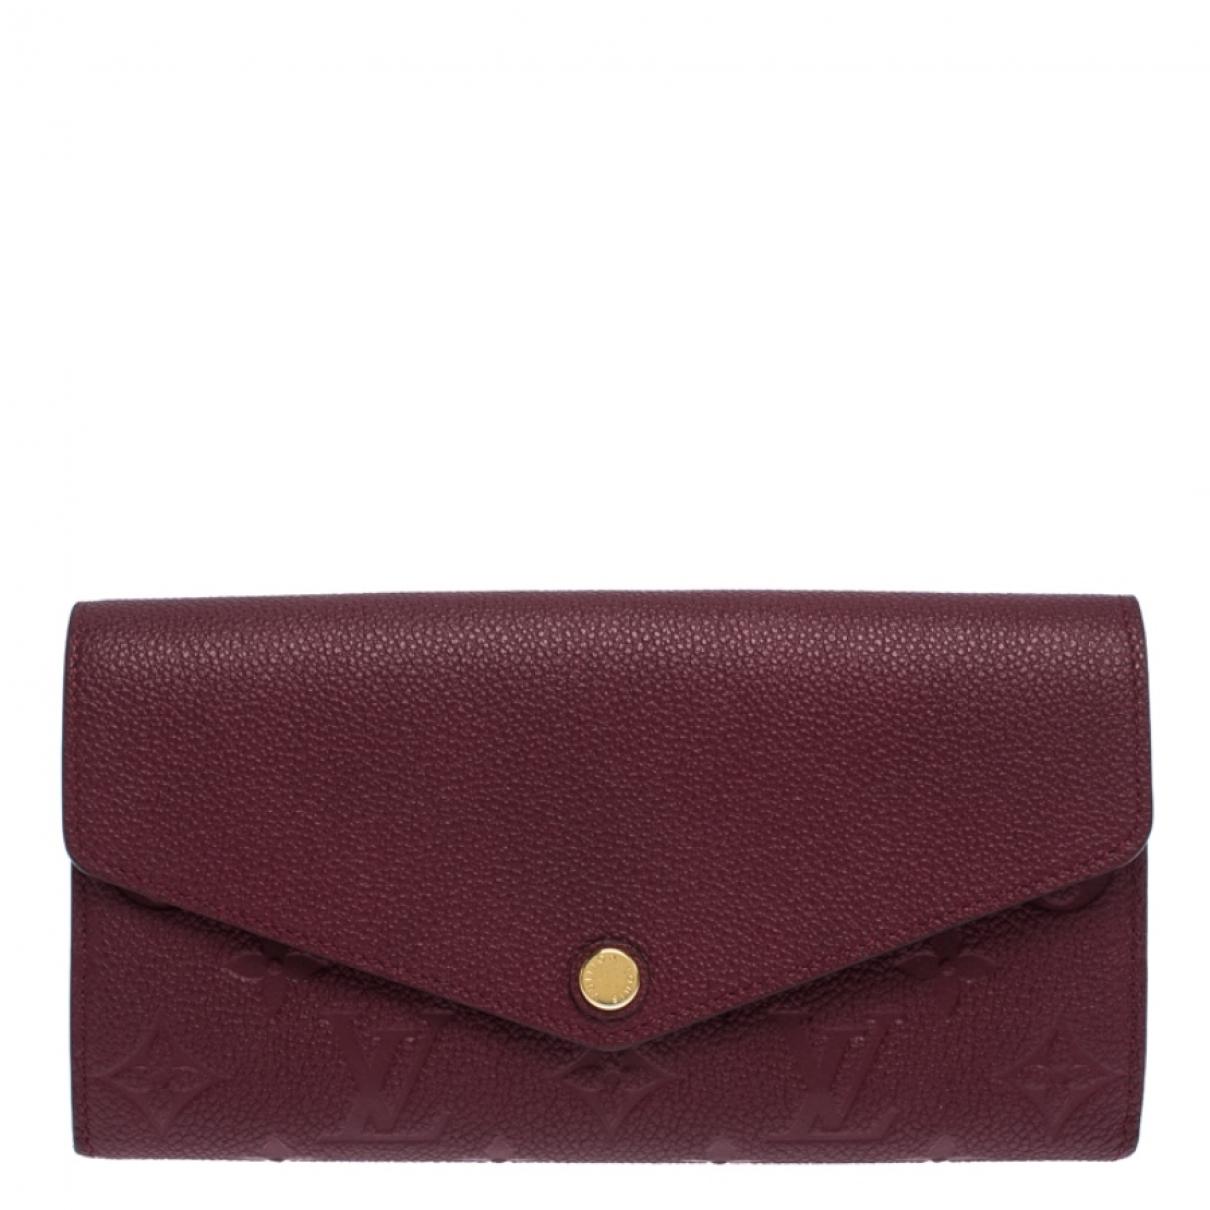 Louis Vuitton - Portefeuille   pour femme en cuir - bordeaux